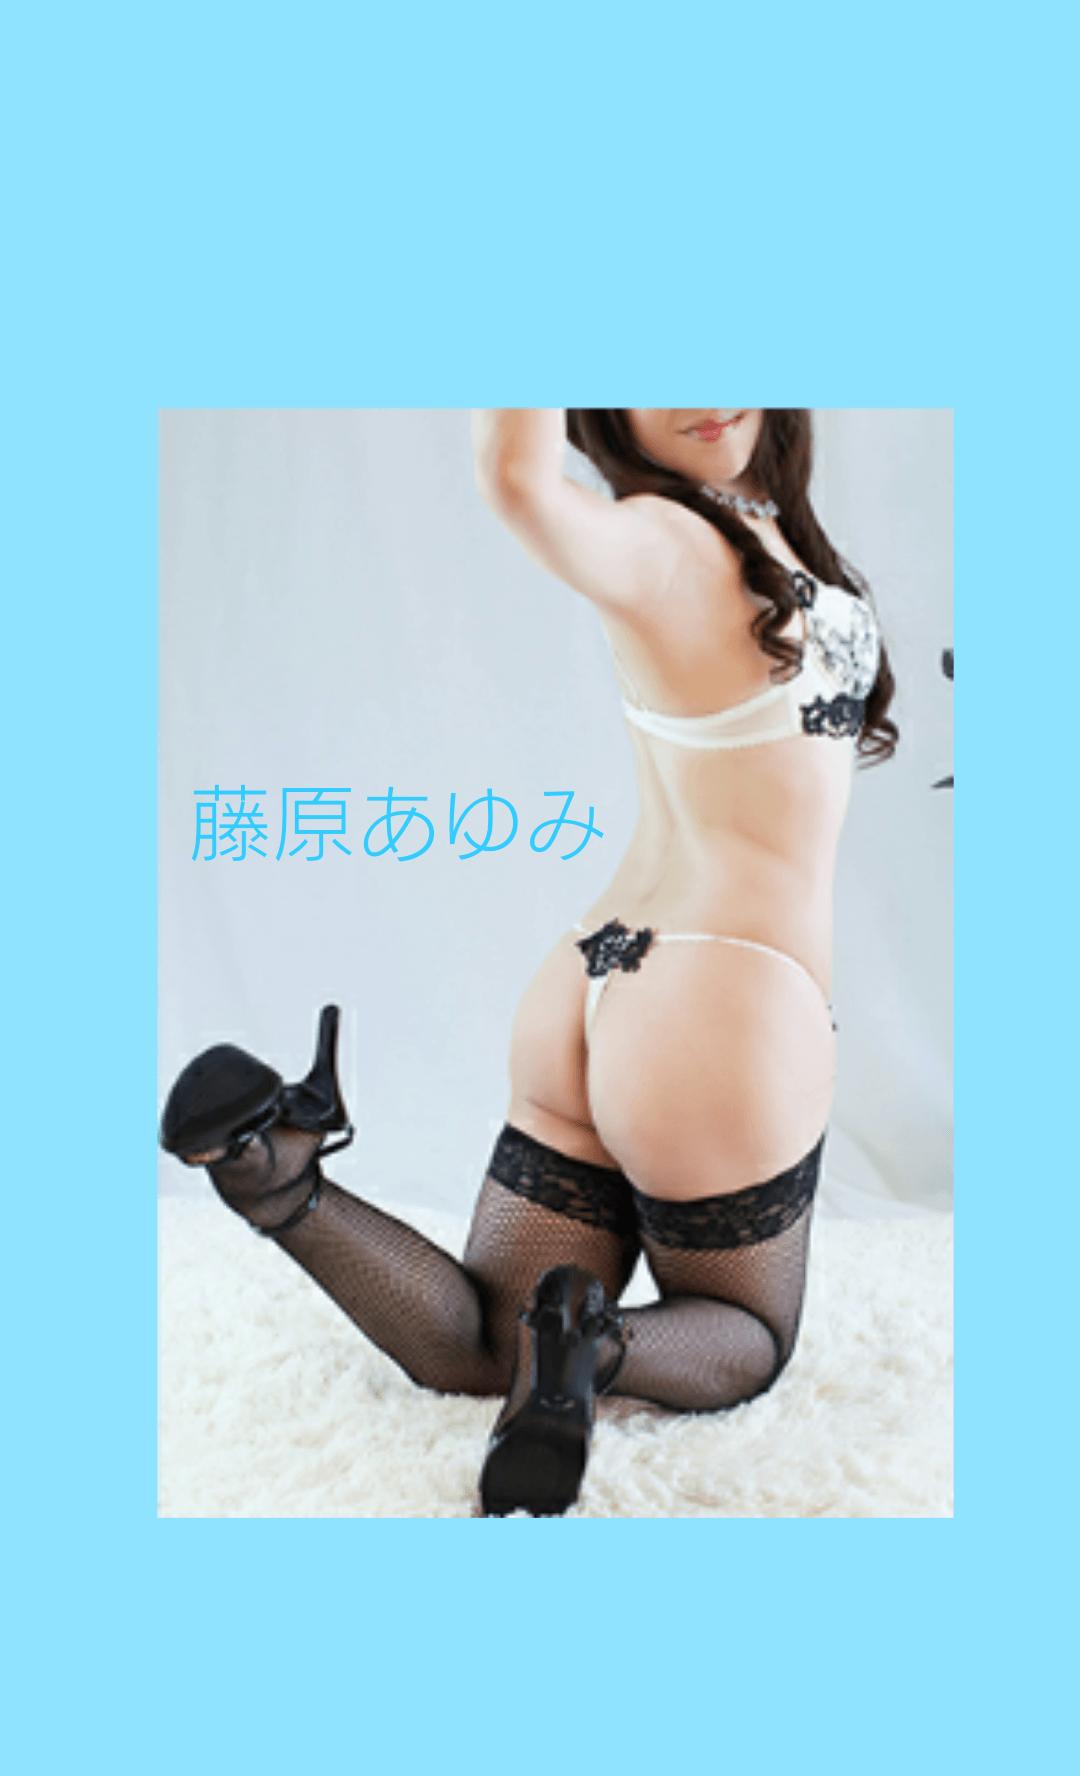 「藤原ですm(__)m」07/17(07/17) 19:38   藤原 あゆみの写メ・風俗動画